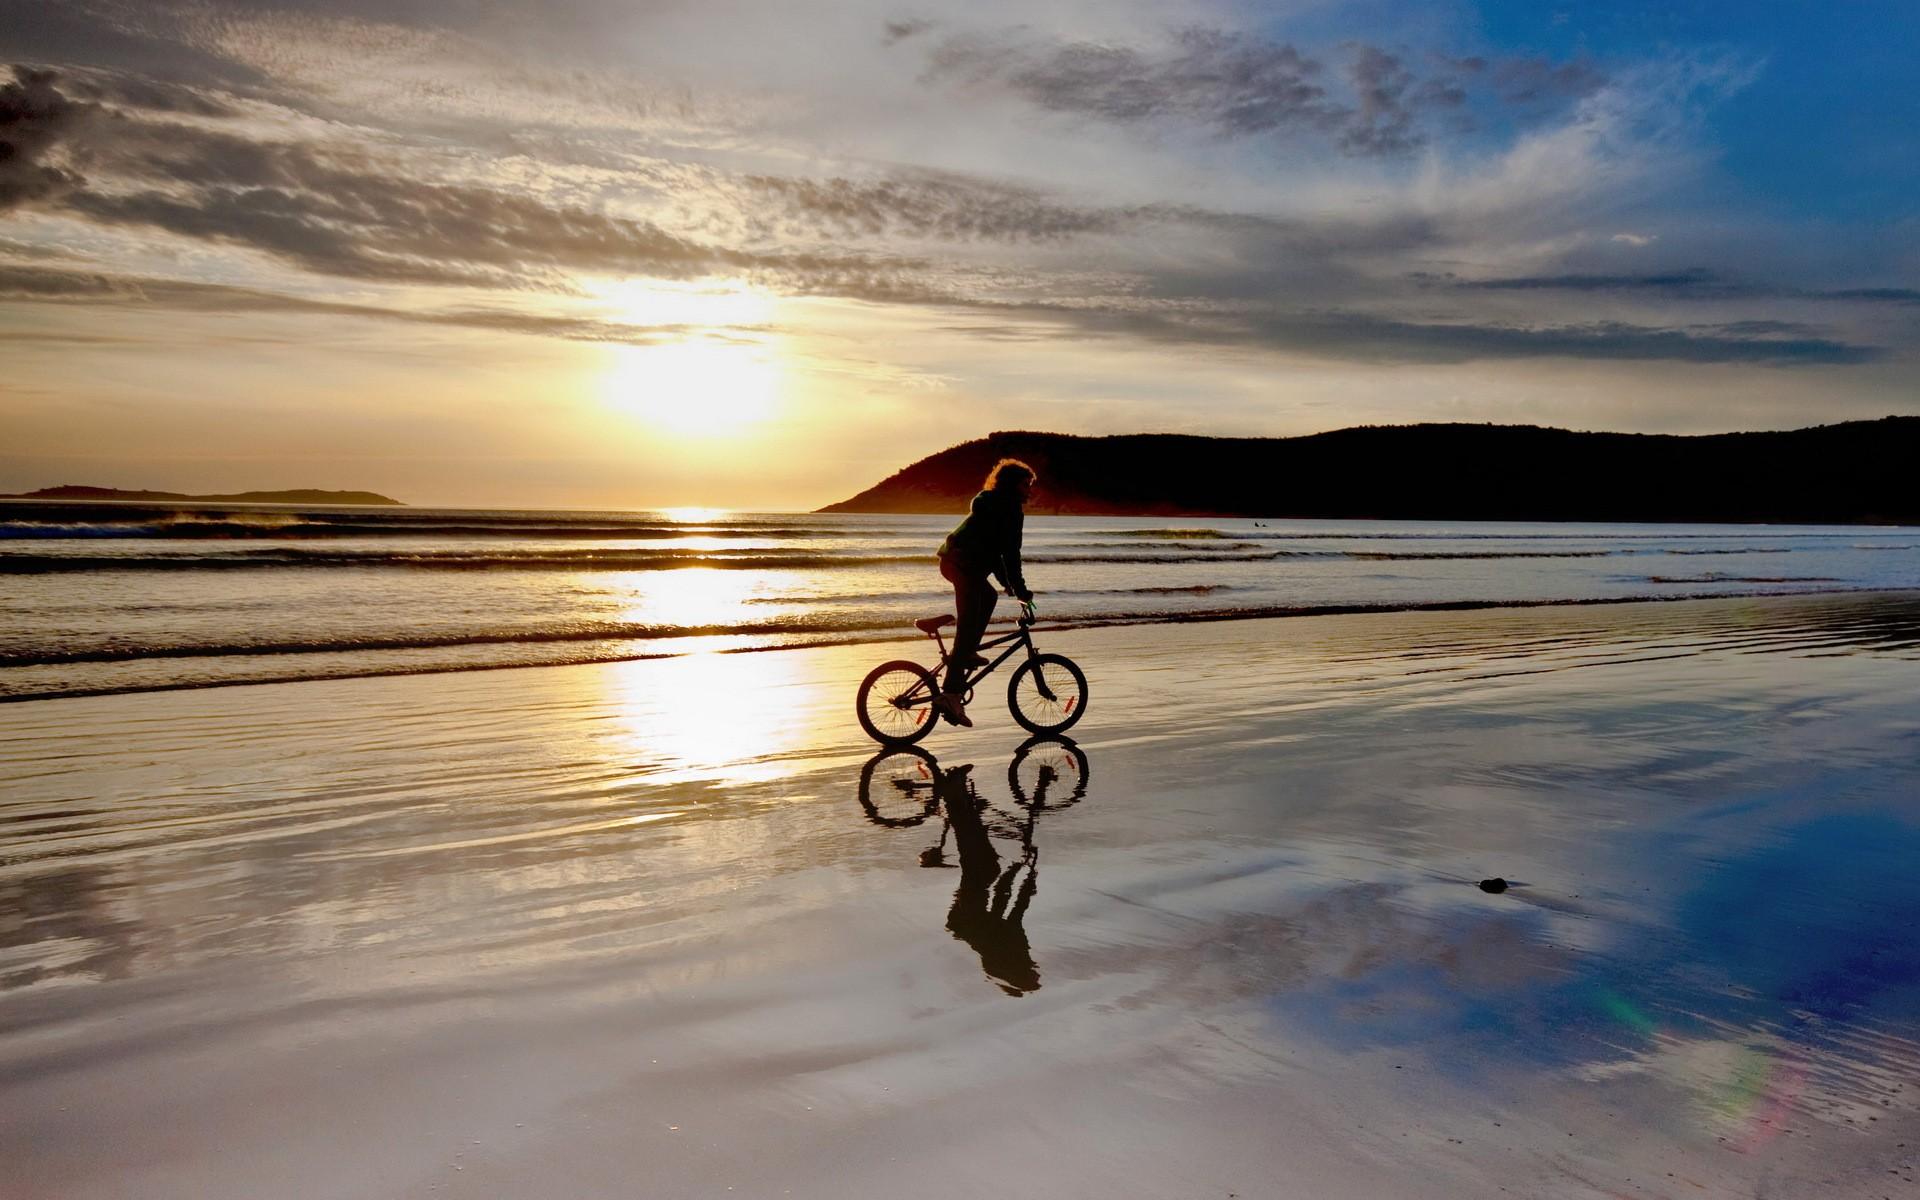 Paseando en BMX por la playa - 1920x1200